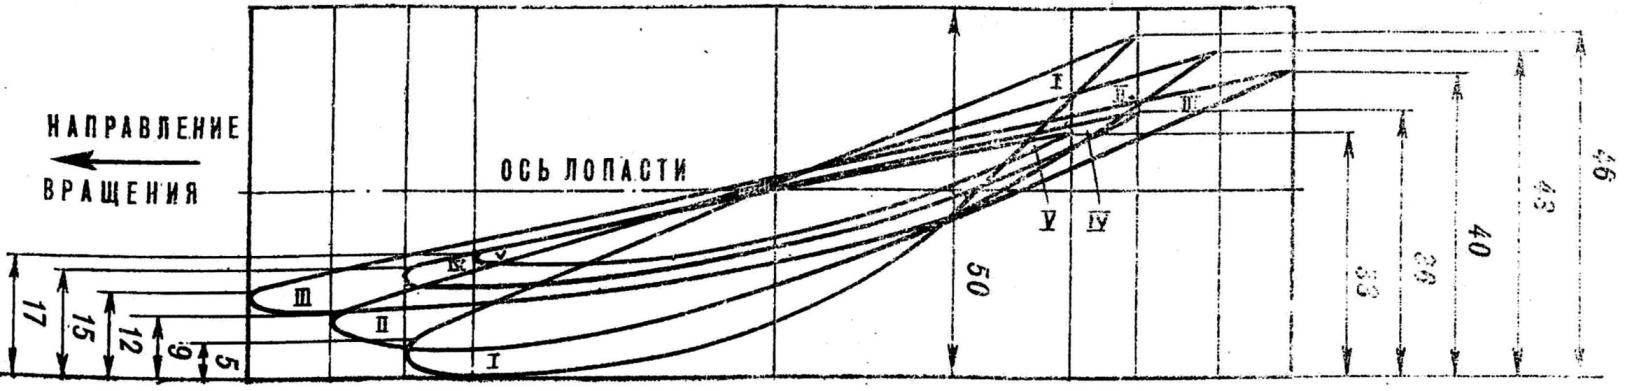 Рис 2. Размеры и сечения винта.